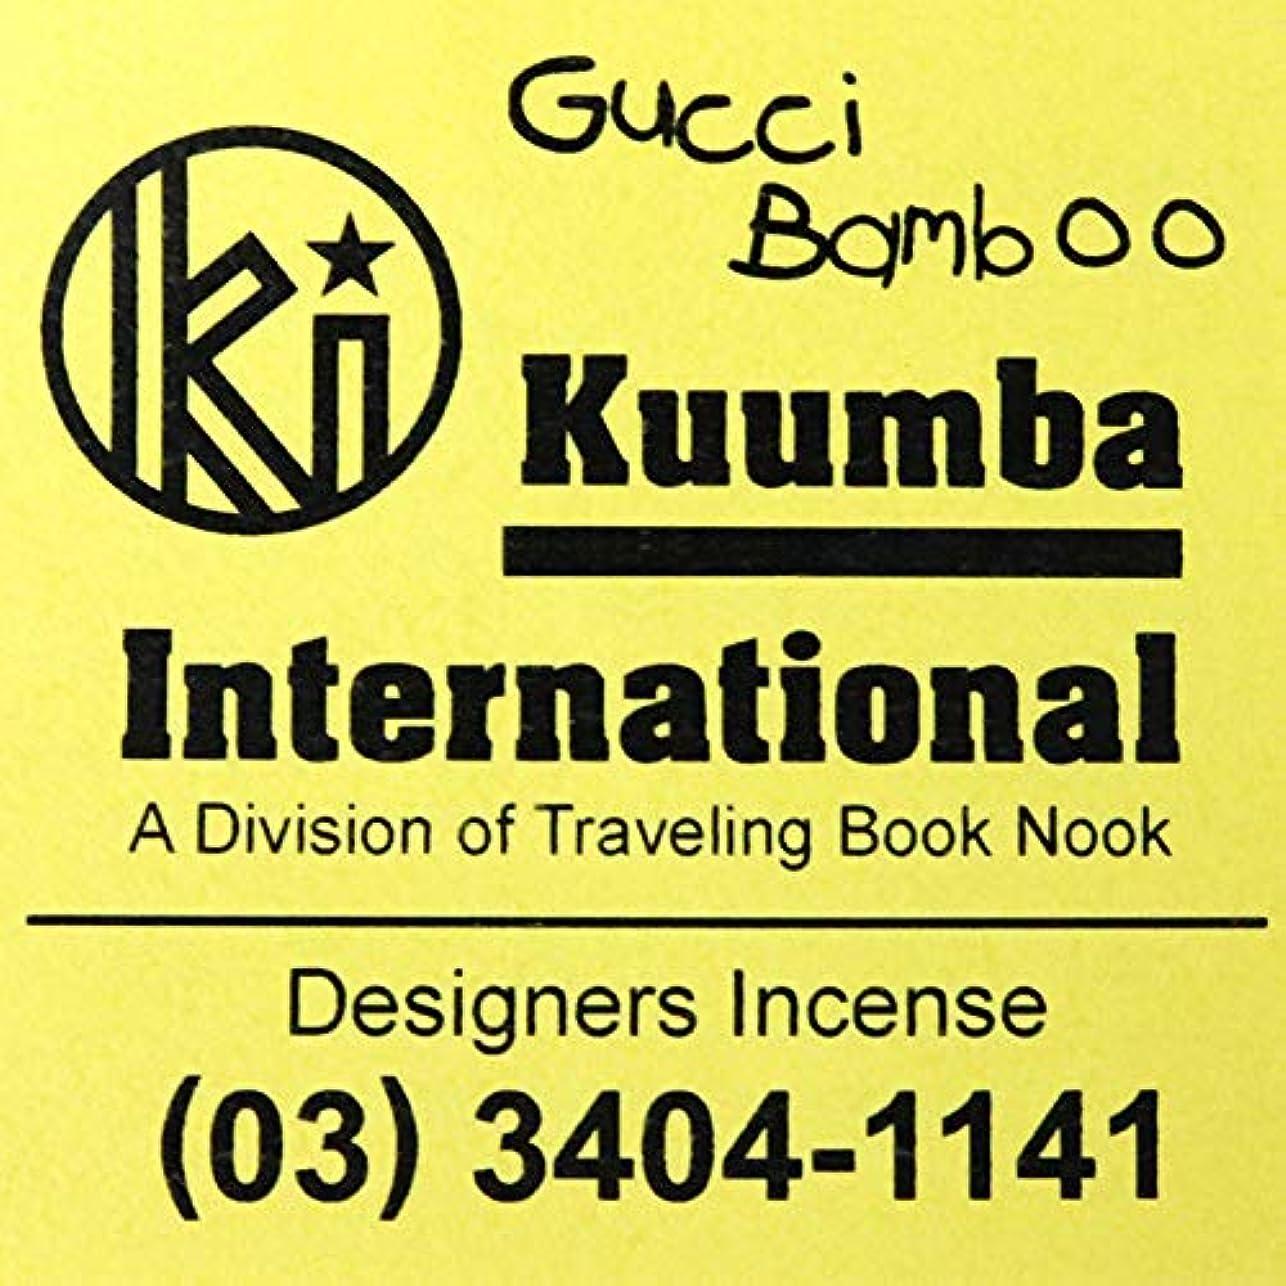 治す放置引き付けるKUUMBA (クンバ)『incense』(GUCCI BAMBOO) (GUCCI BAMBOO, Regular size)